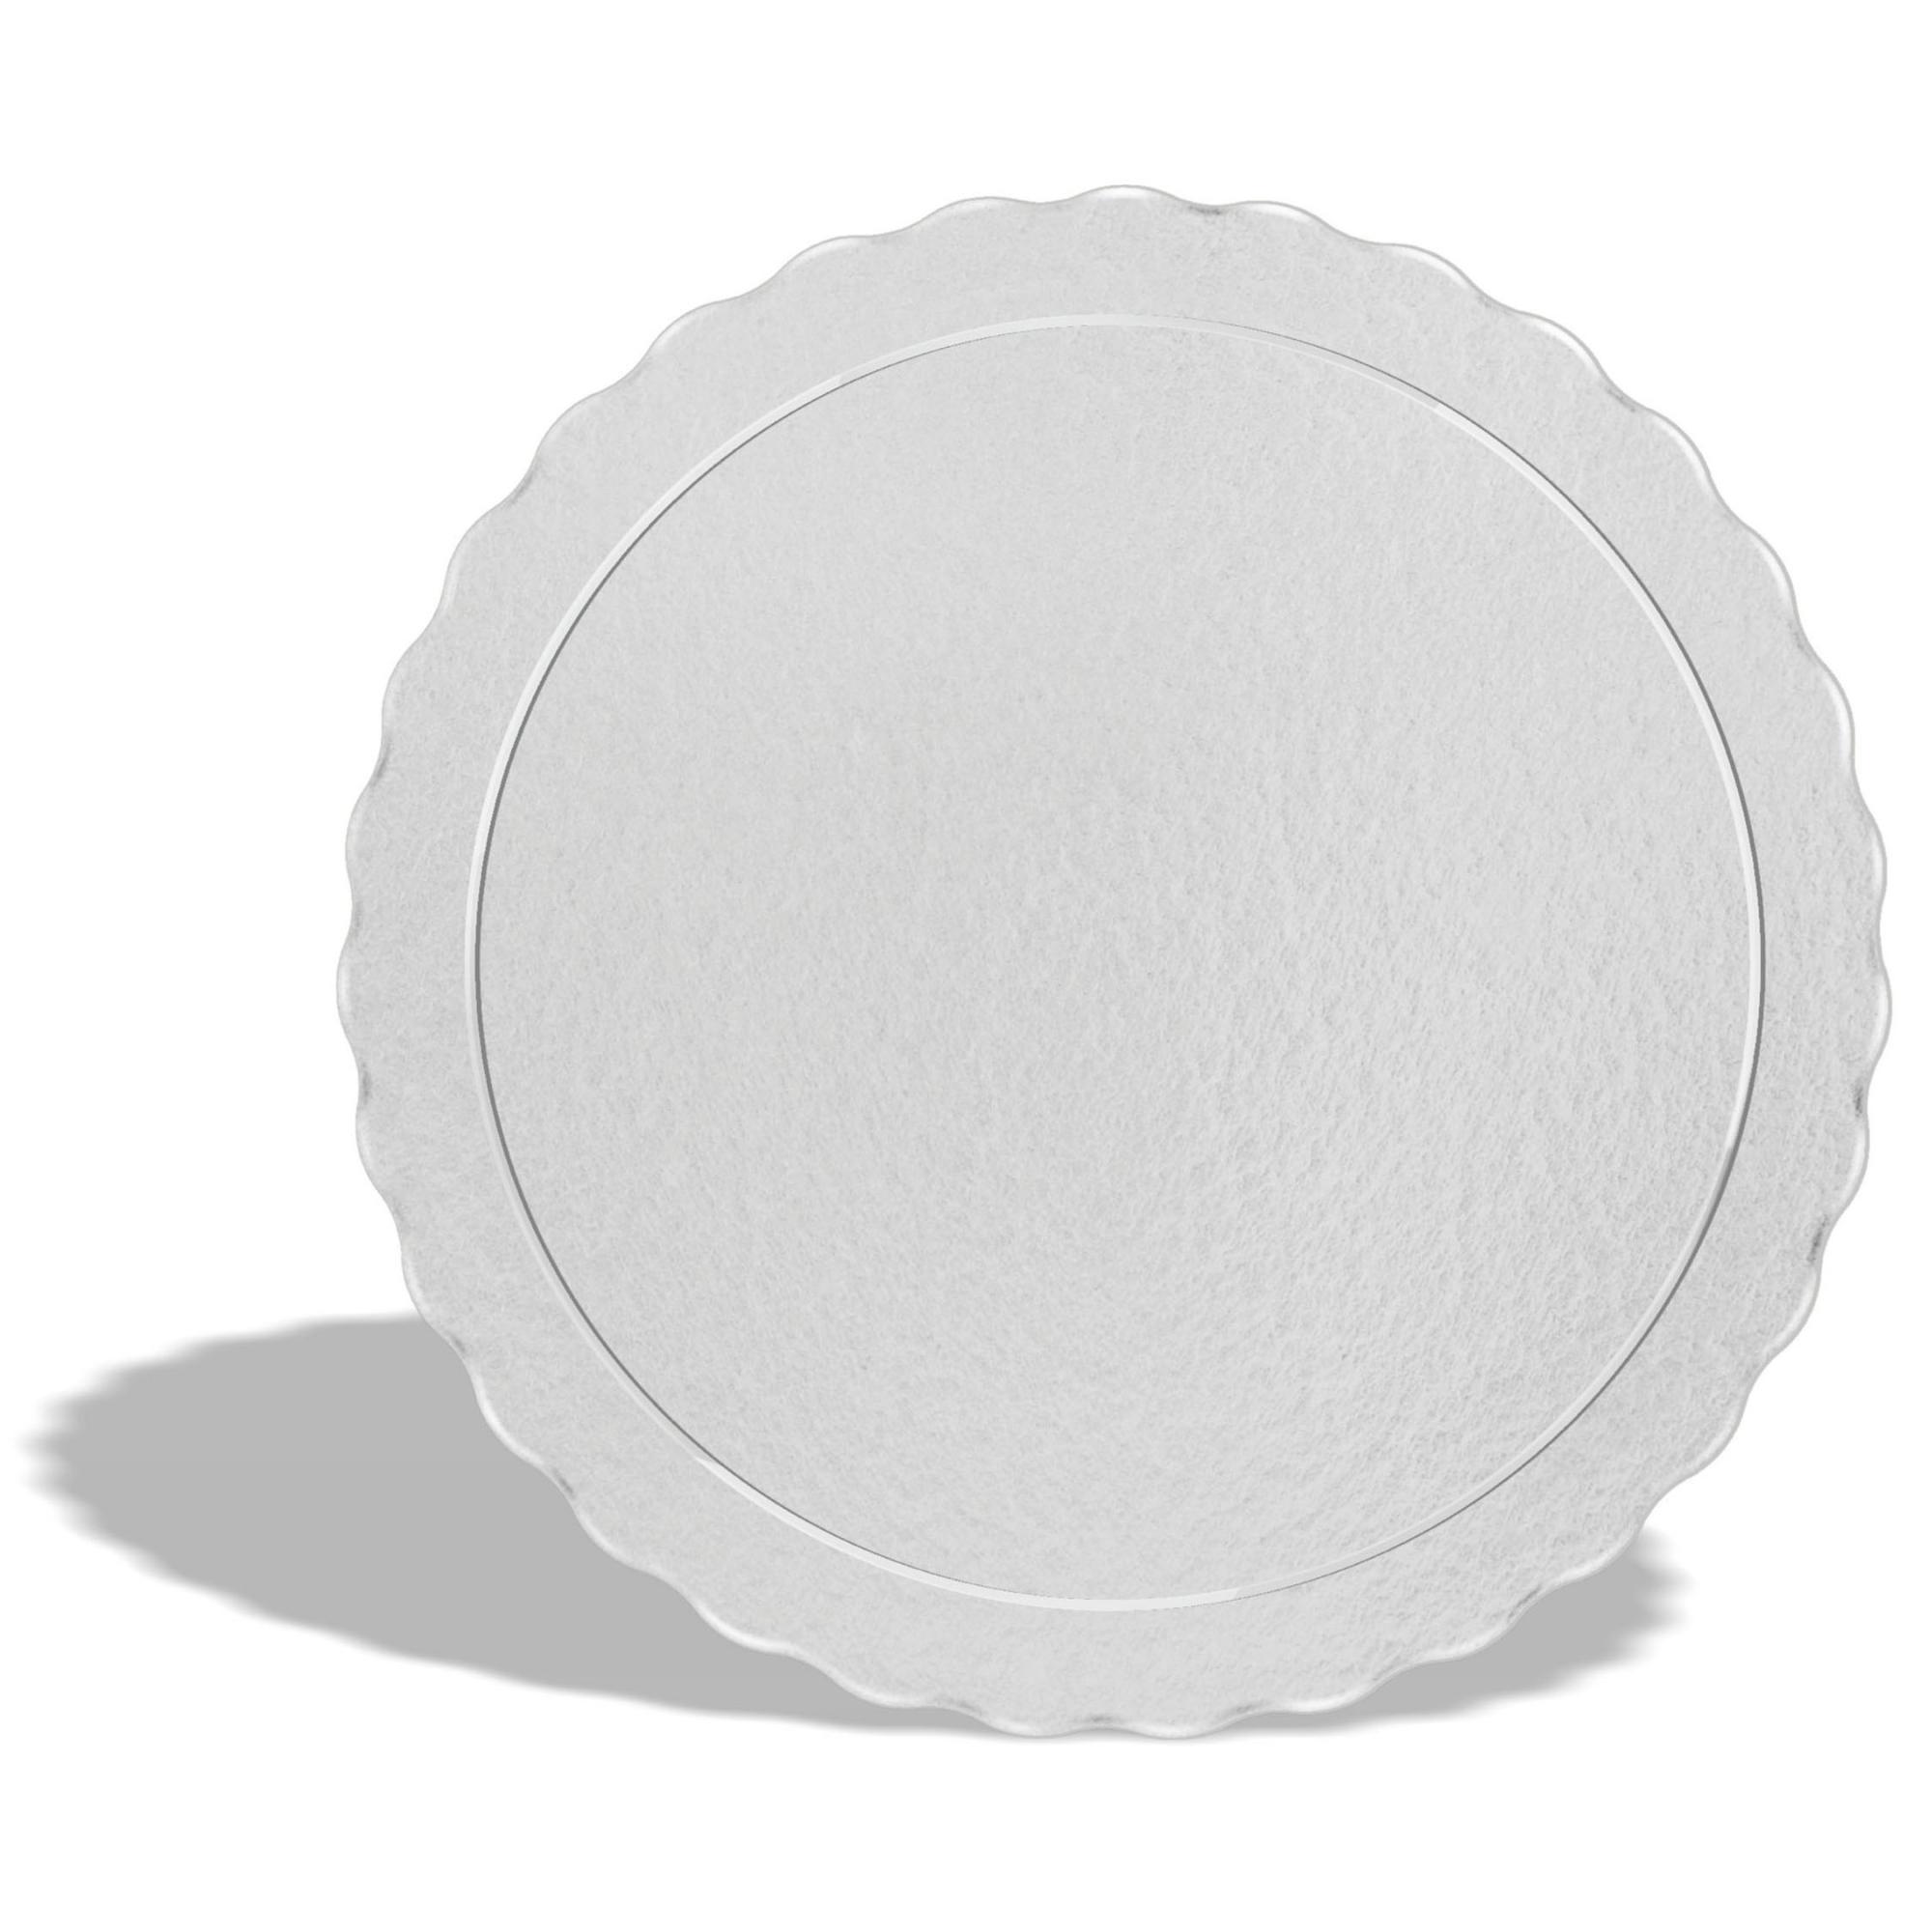 100 Bases Laminadas Para Bolo Redondo, Cake Board 32cm - Branco